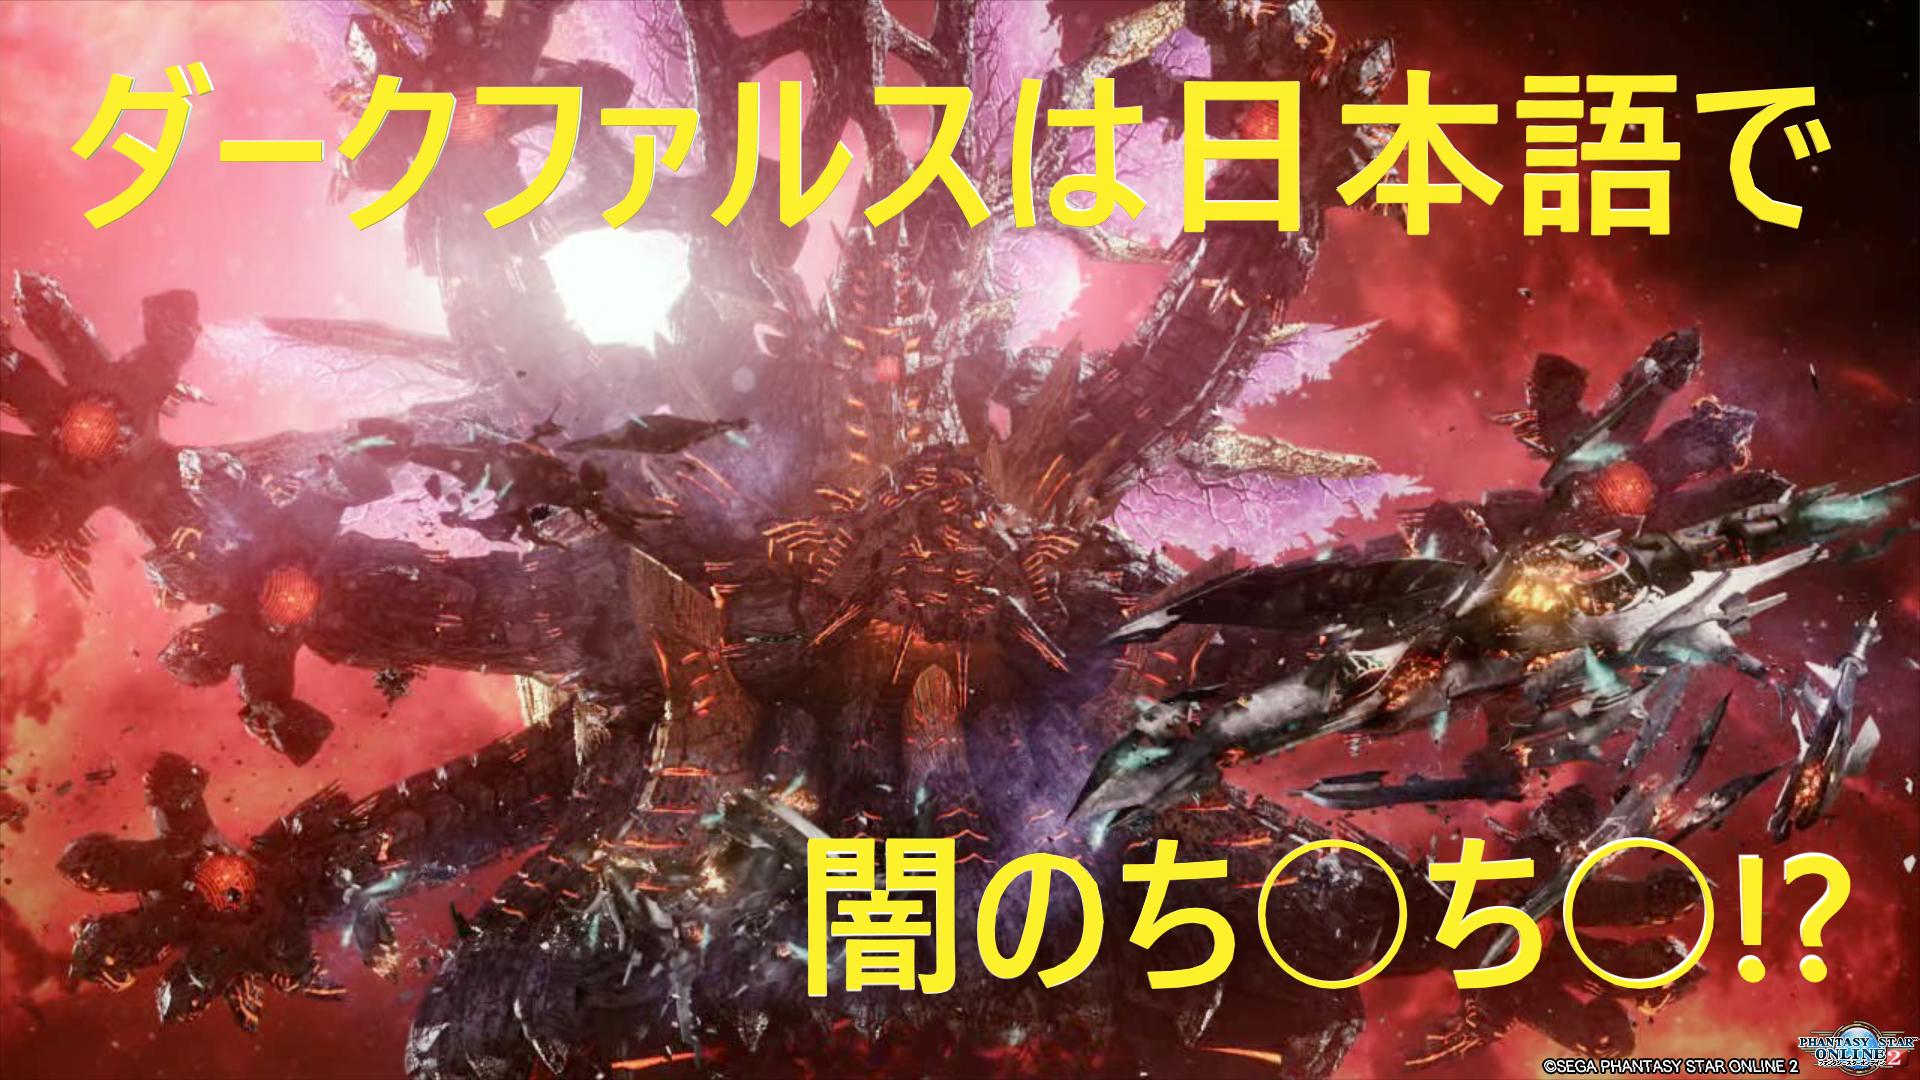 【下ネタ注意】ダークファルスの日本語訳は「闇のおㄘんㄘん」!?男根崇拝とファリック・シンボル